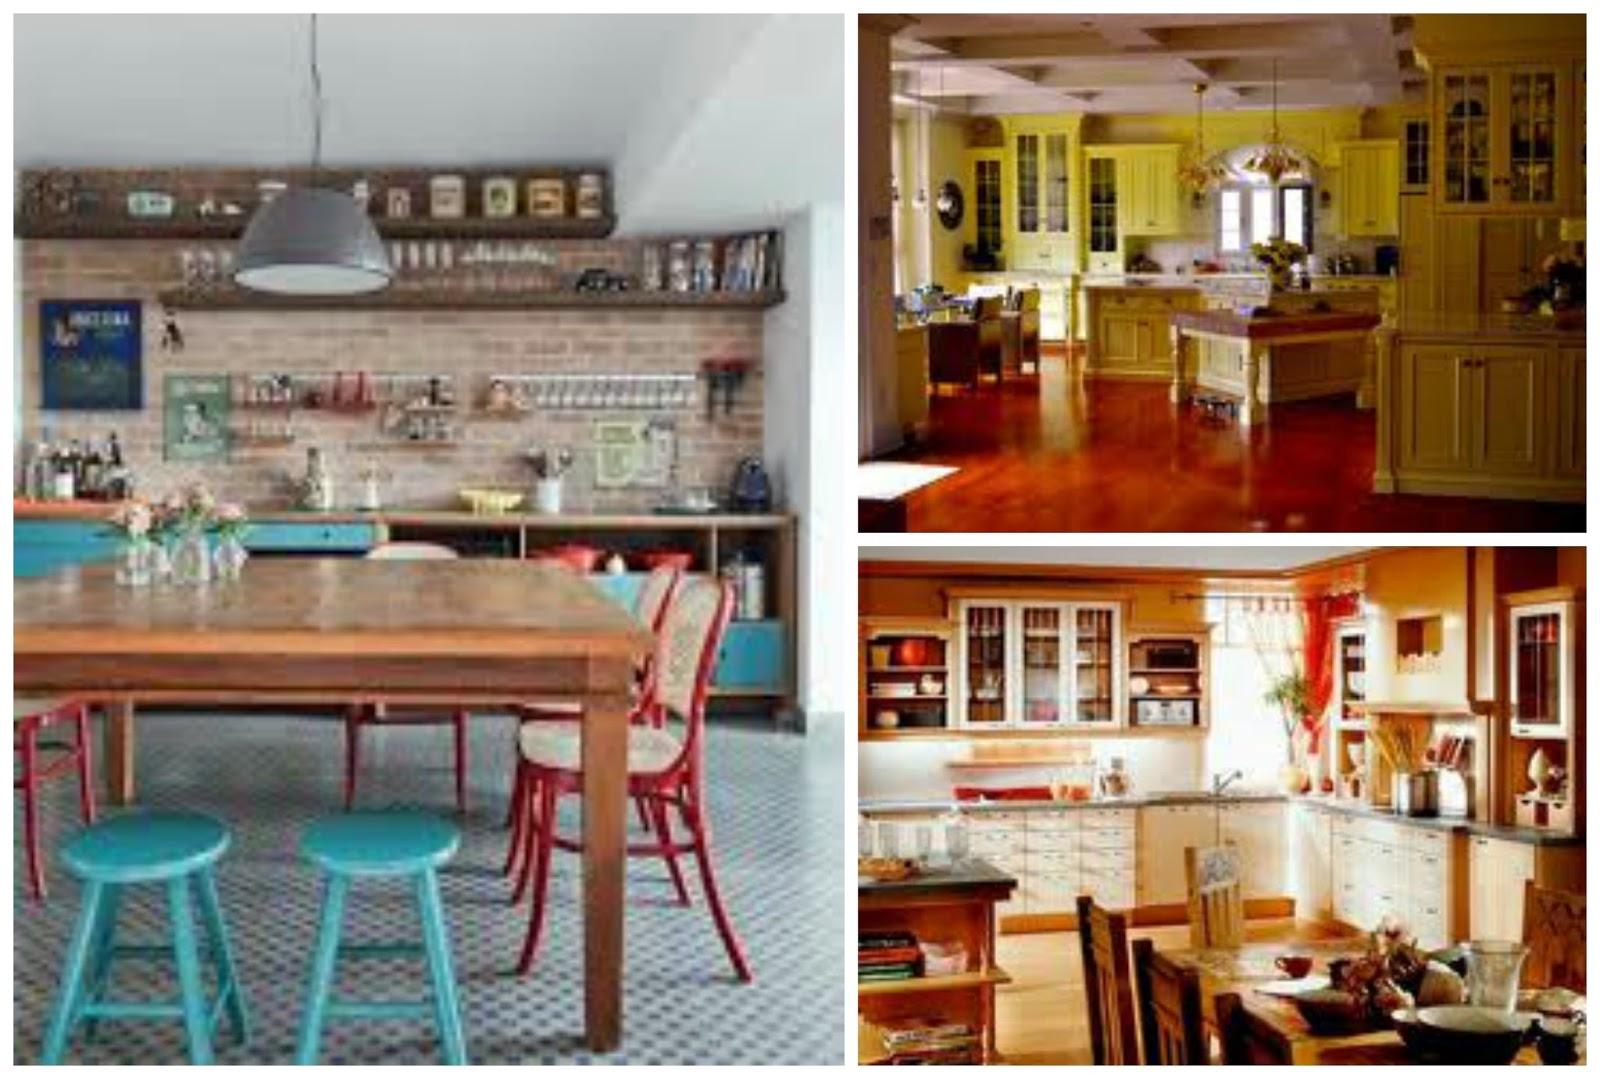 Blog Quero Muito Mais: Cozinhas Coloridas! #723718 1600 1079